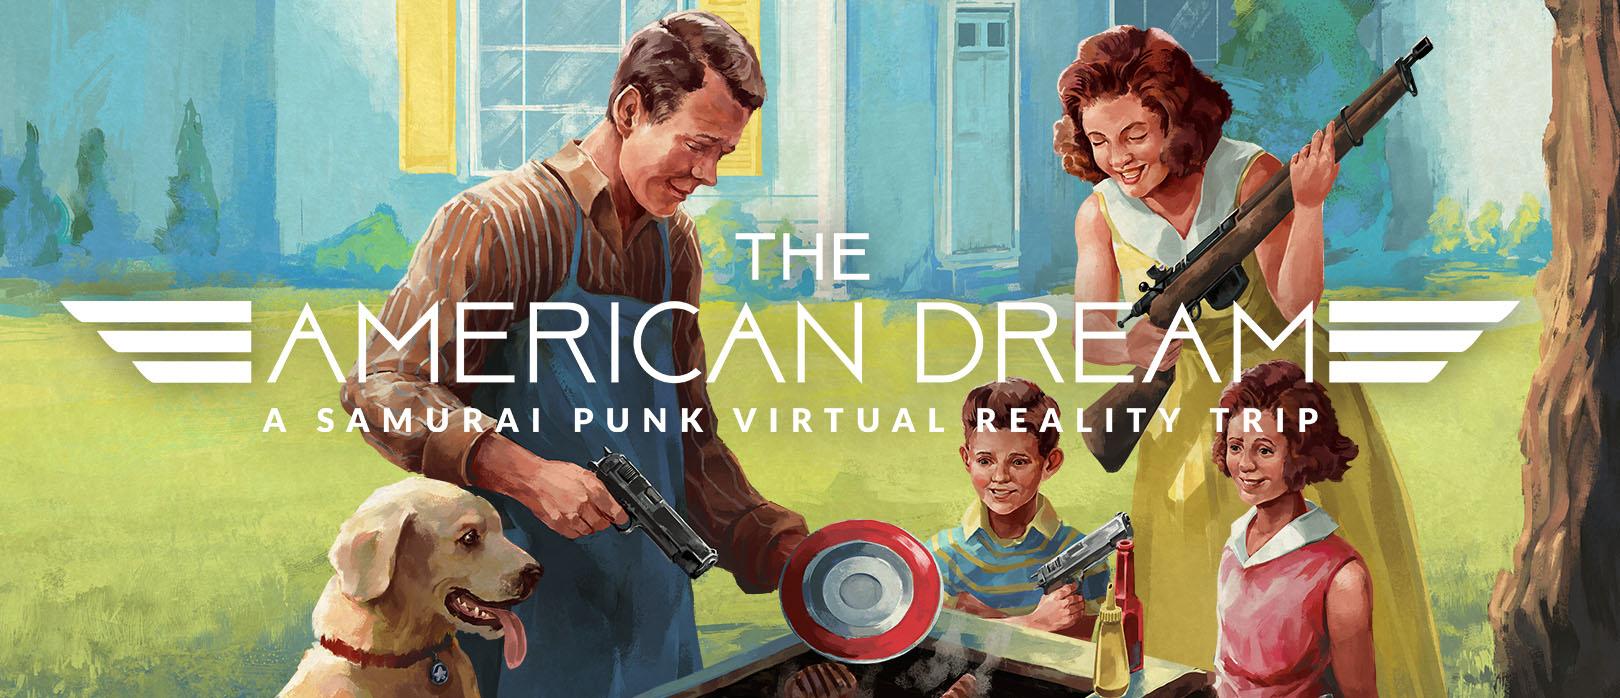 Αποτέλεσμα εικόνας για american dream ps4